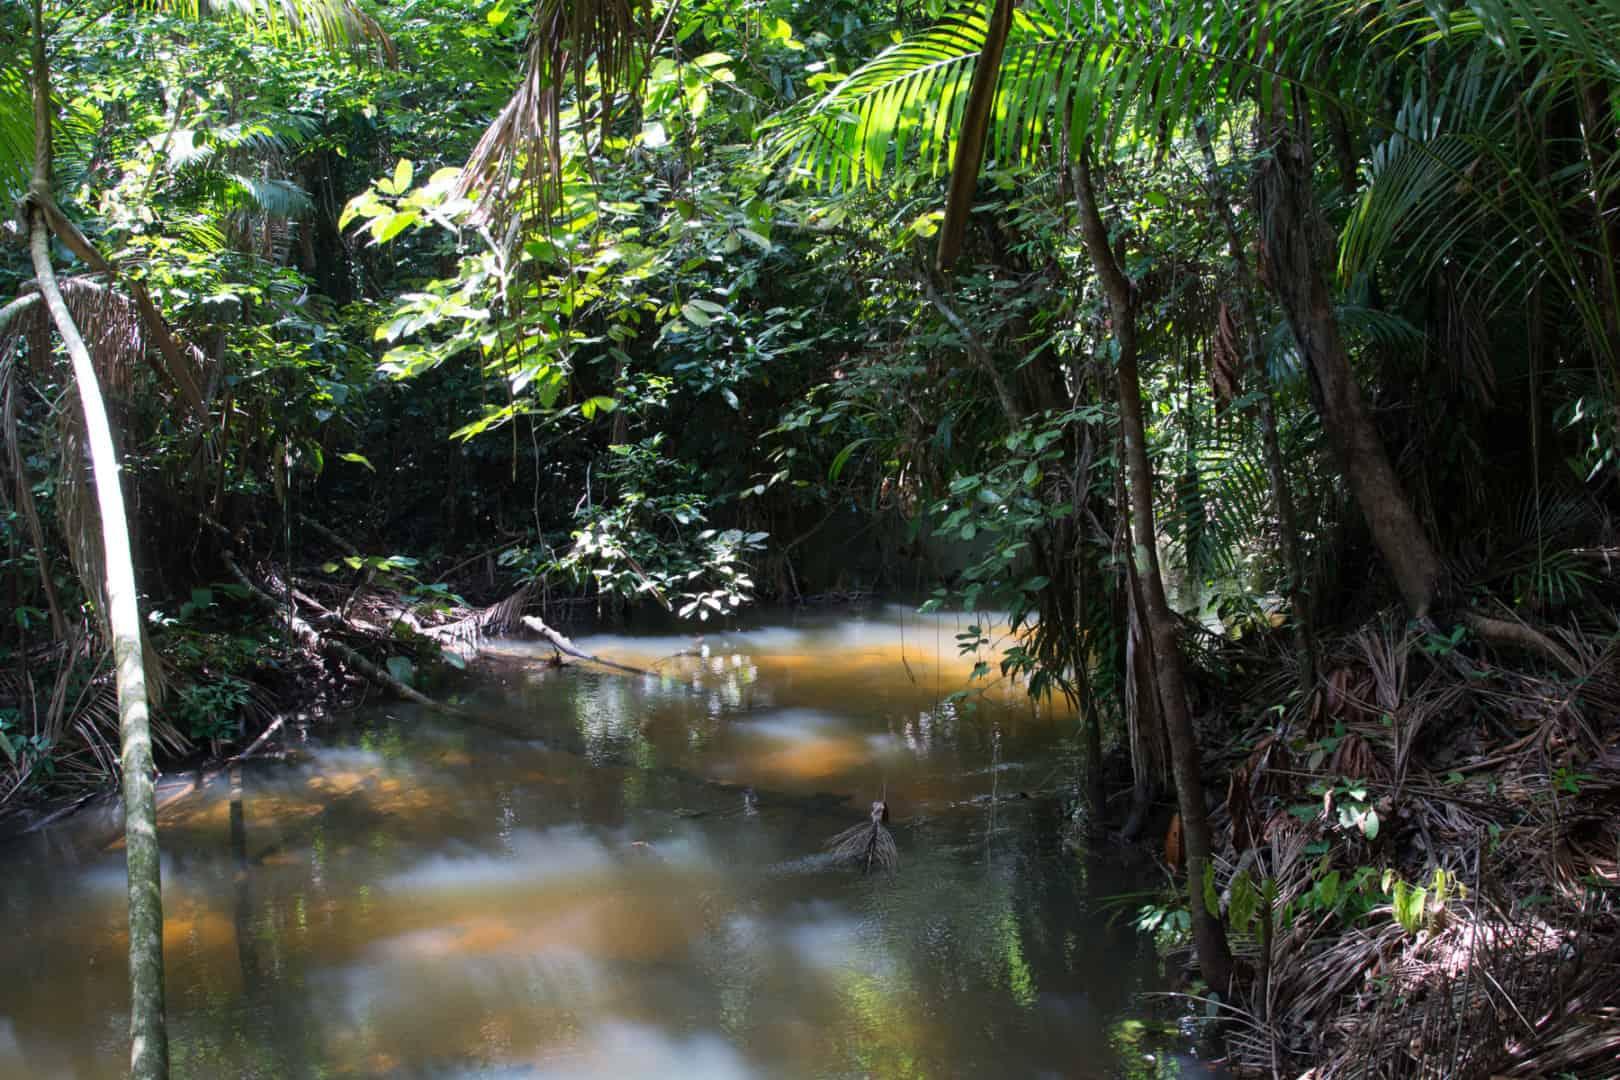 241: Zierfischimporte aus Brasilien - Nachhaltigkeit, Reproduktionsstrategien und Gefahren in der freien Natur (Dr. Stefan K. Hetz) 23